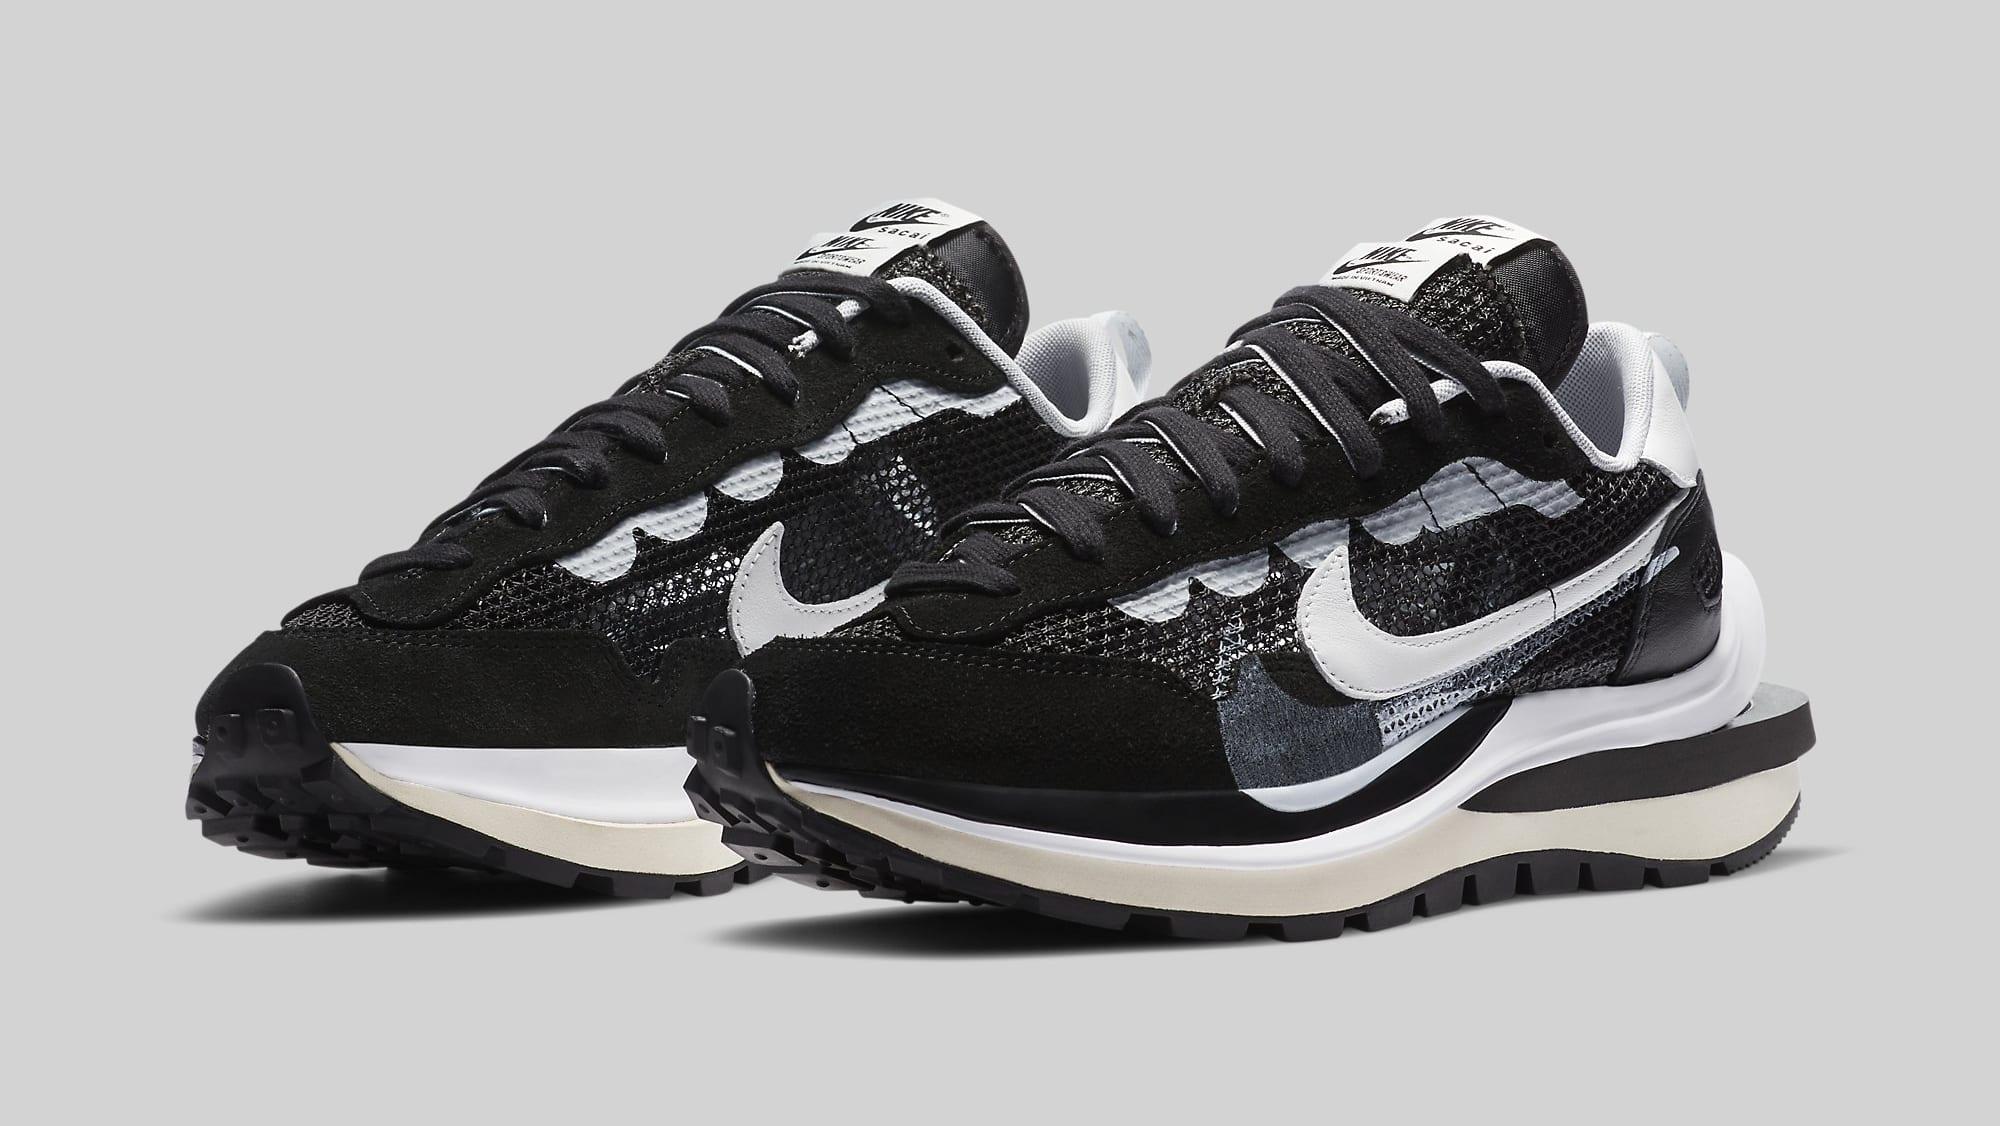 Sacai x Nike VaporWaffle 'Black' CV1363-001 Pair